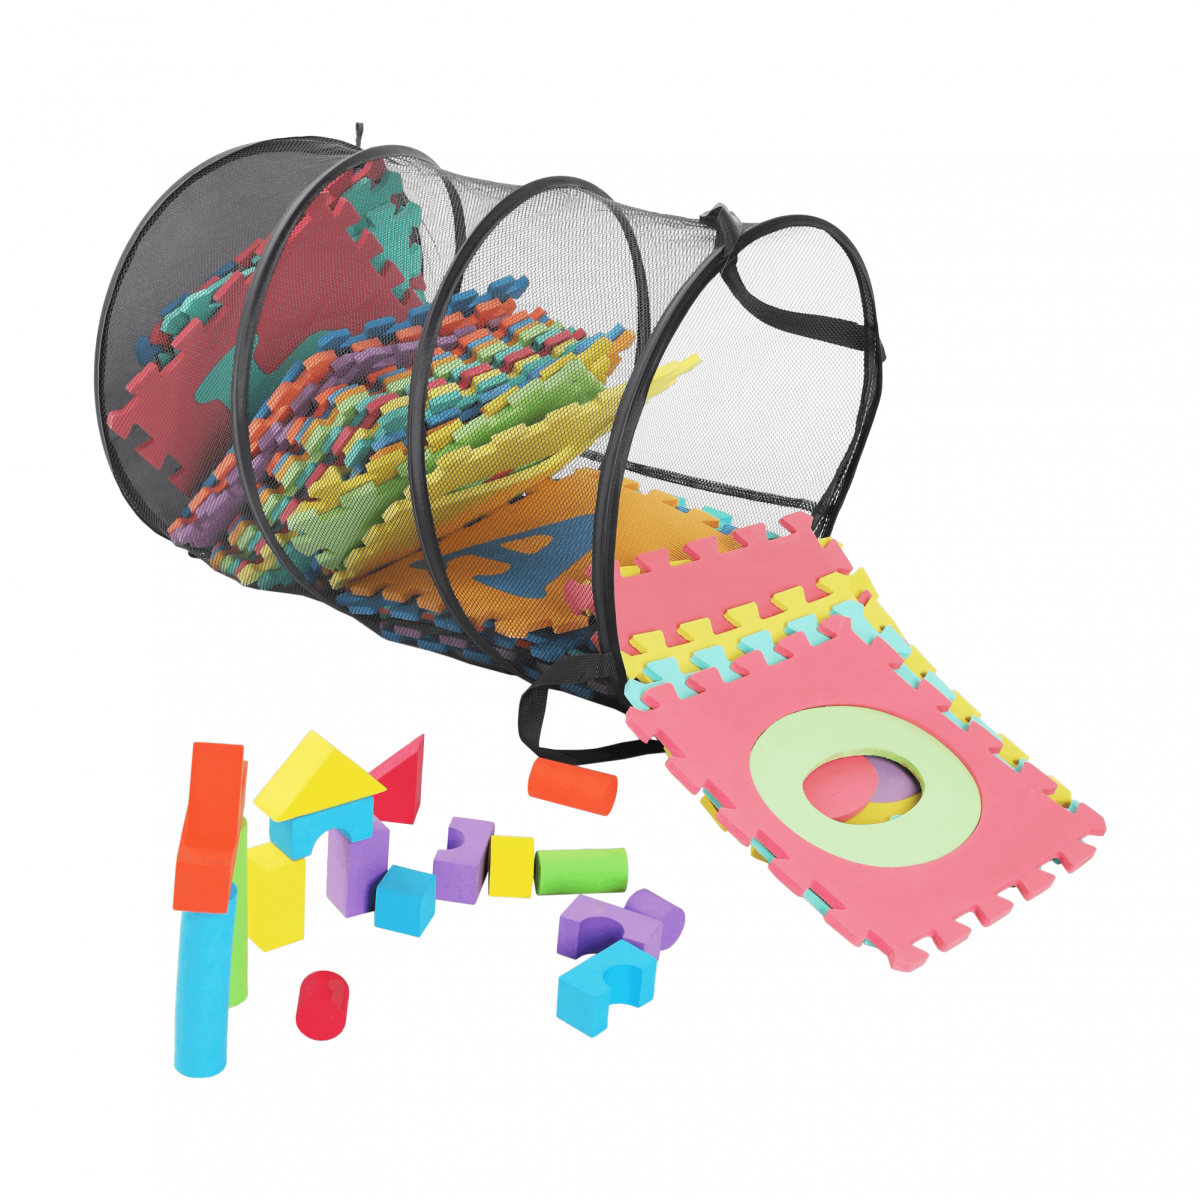 Szennyeskosár/Játékok, szürke, FOREL